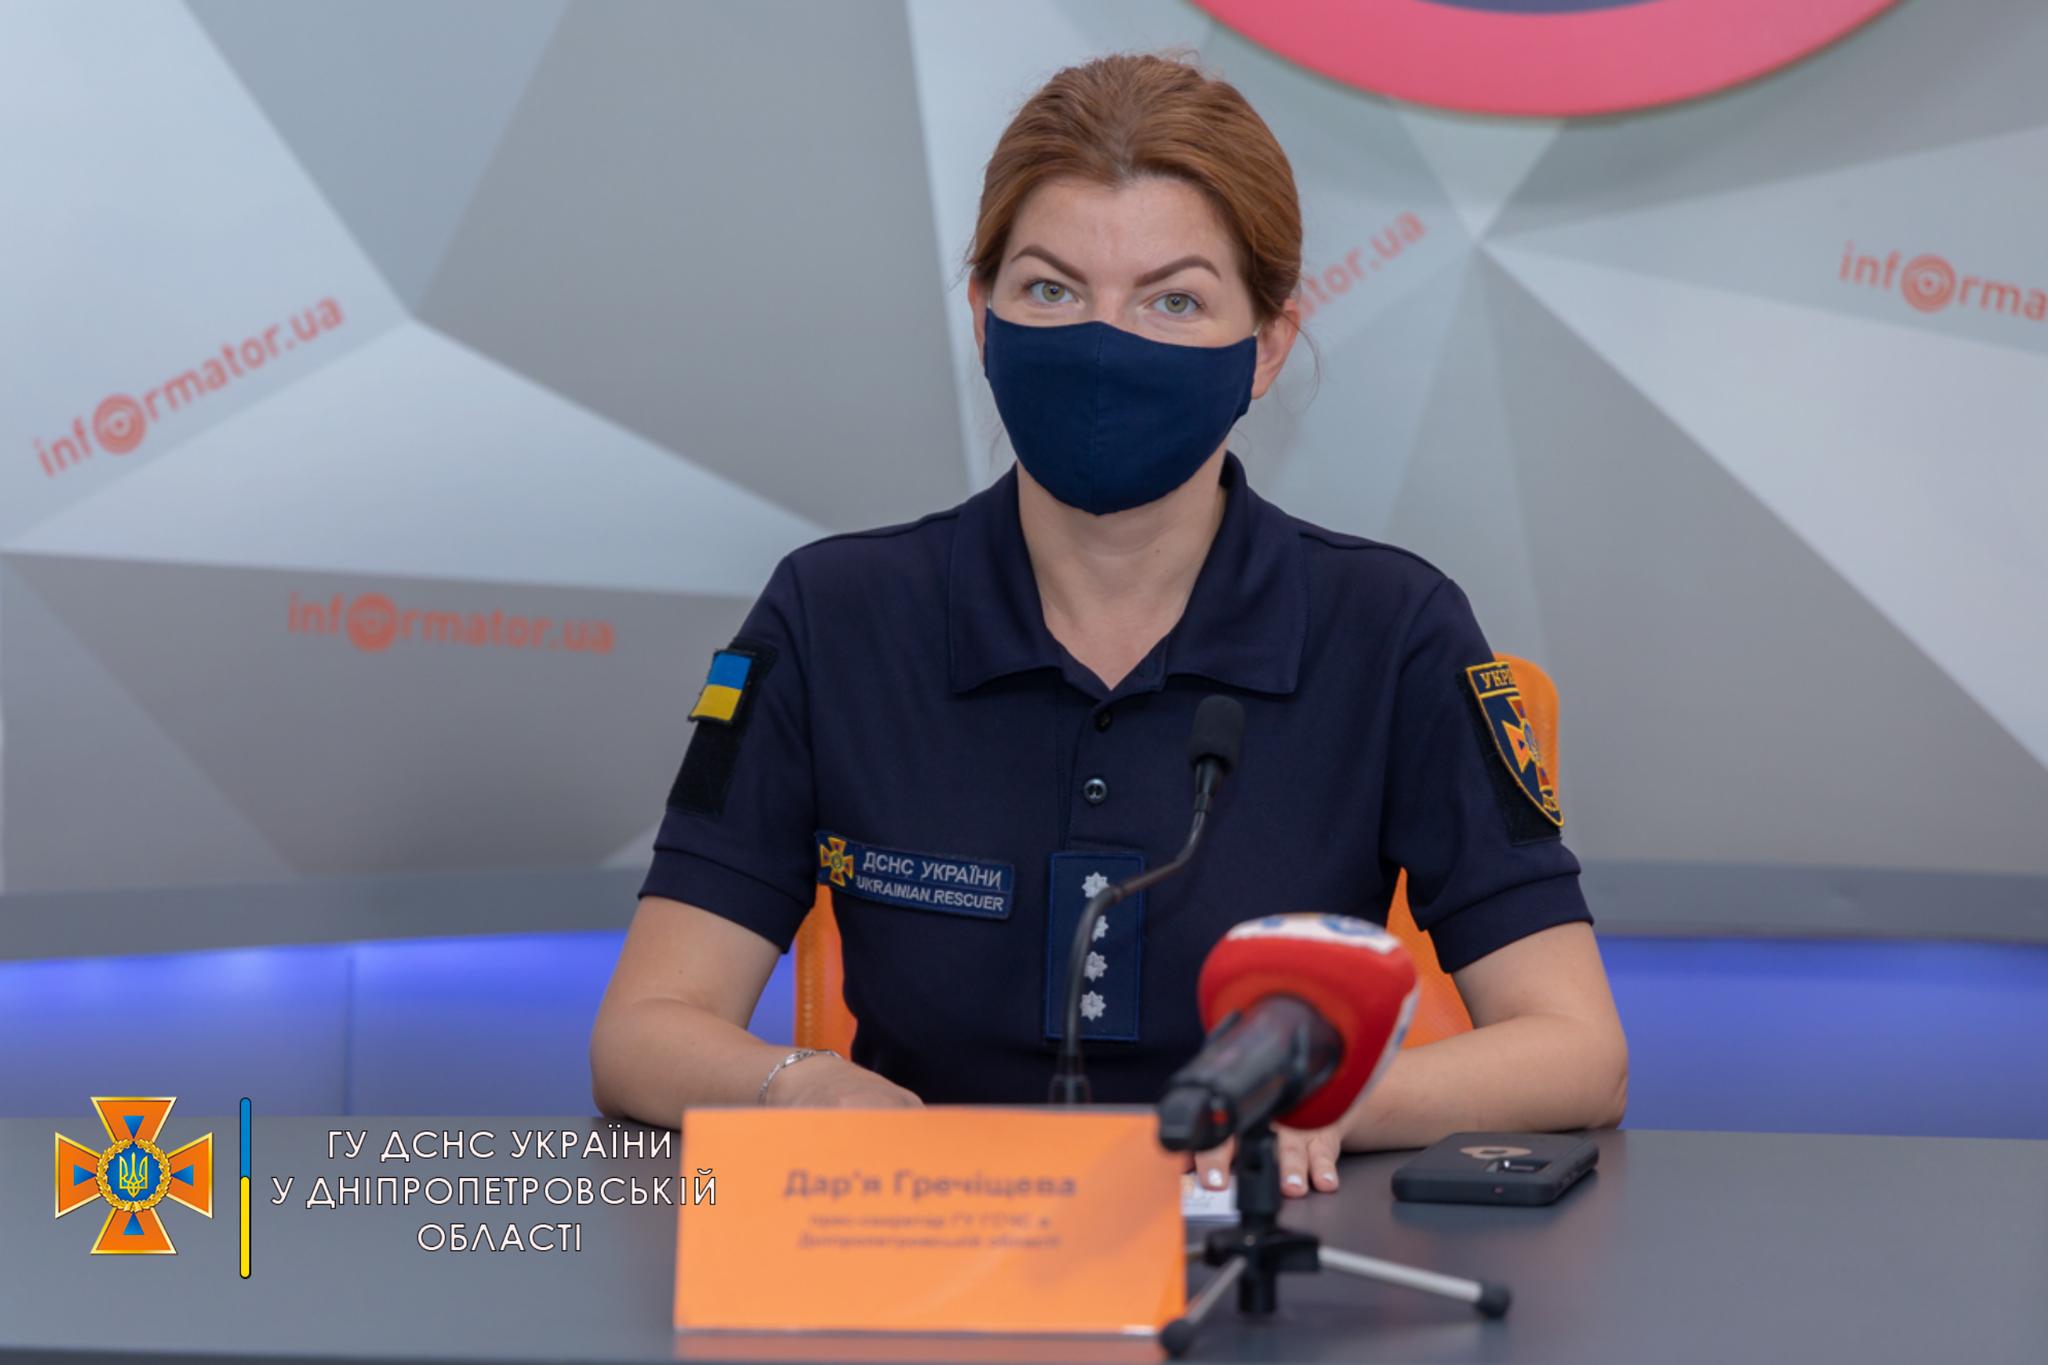 м. Дніпро: надзвичайниками підведено підсумки тижня —   Новини міста Дніпро та області